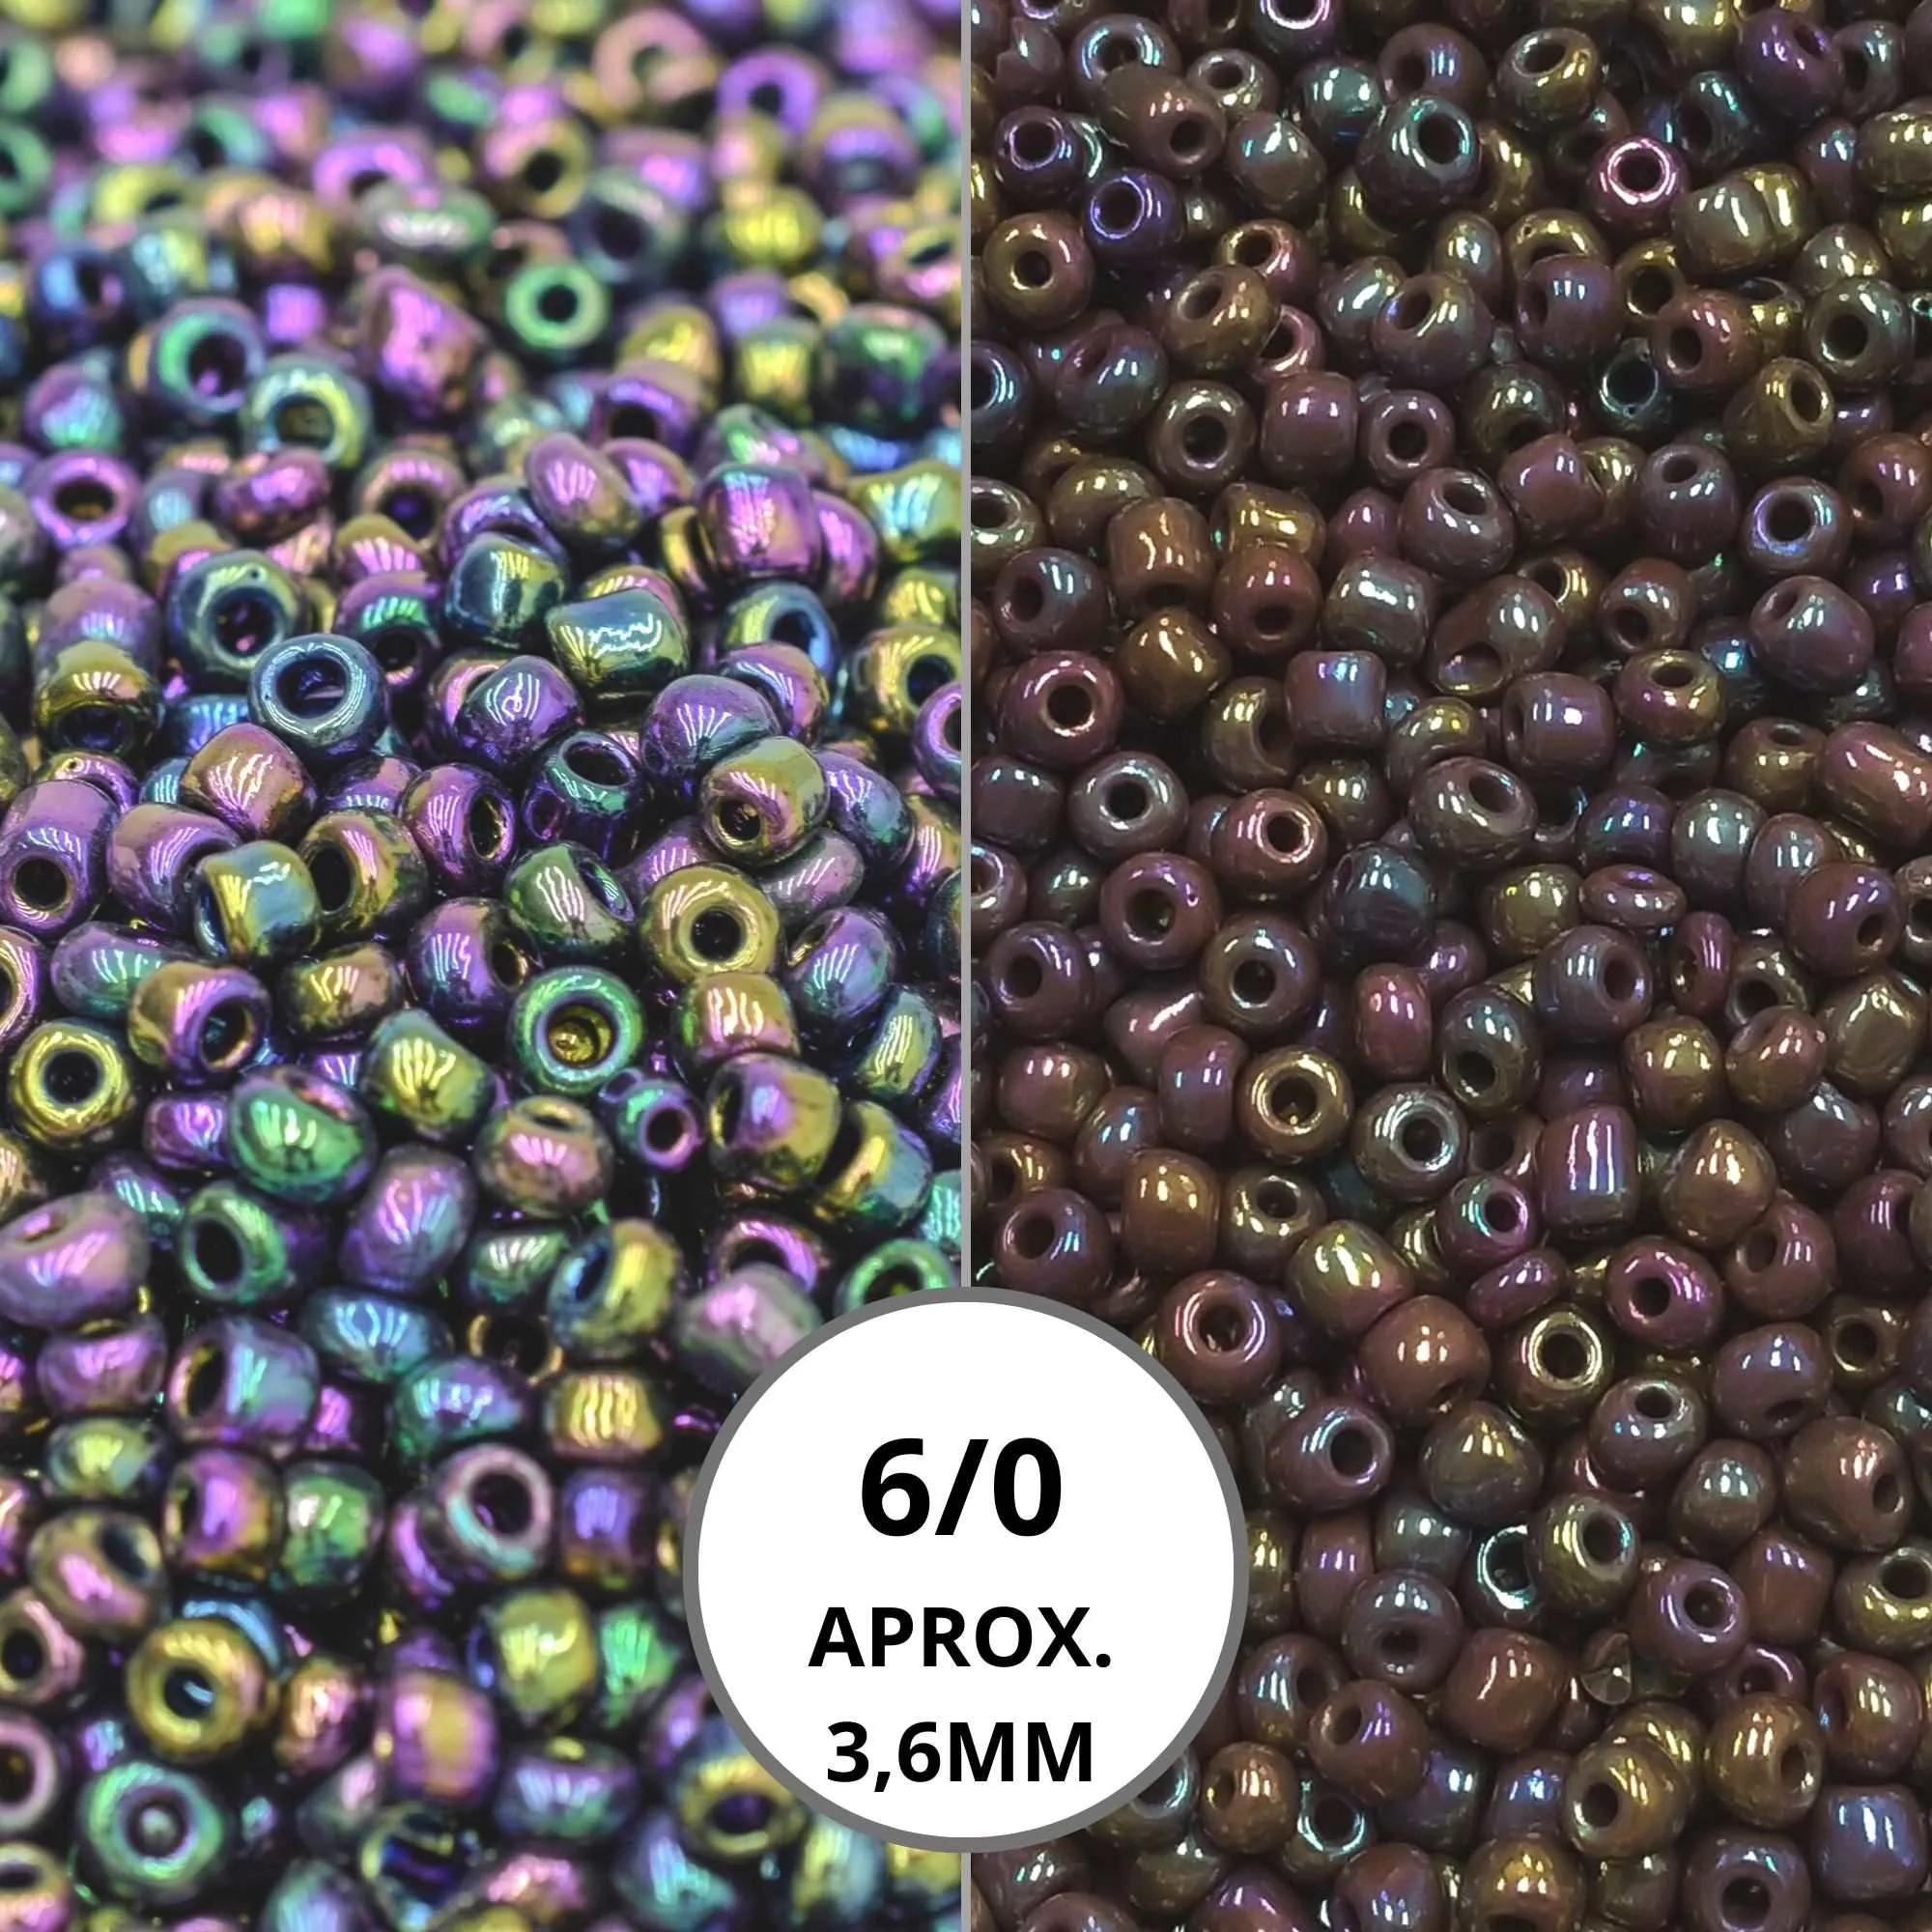 Miçanga 6/0 - Boreal Leitosa 500g